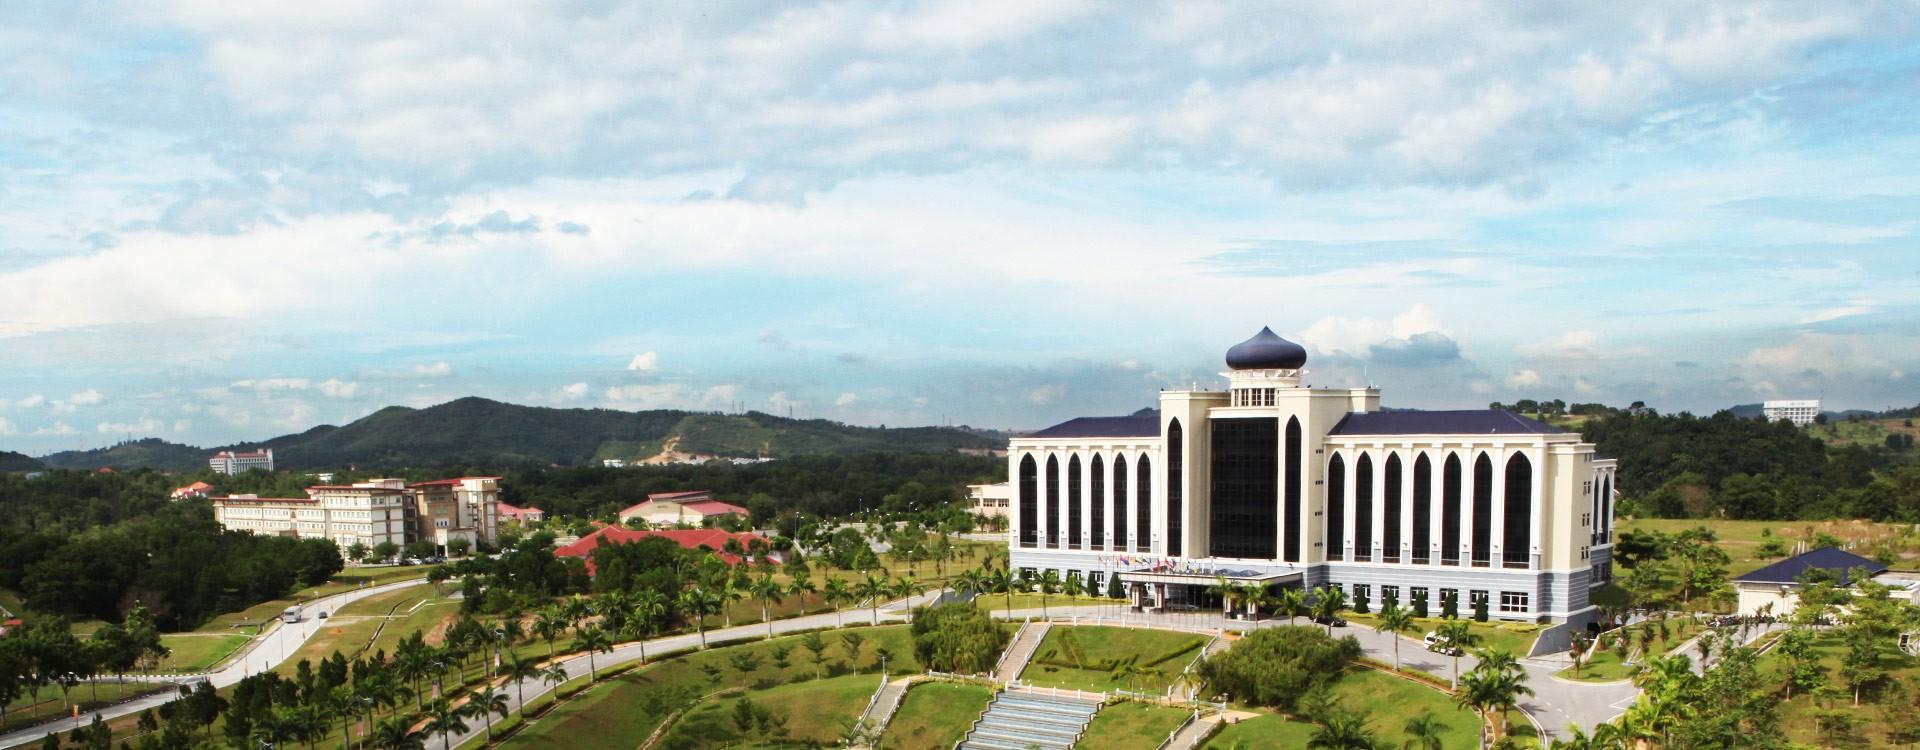 Universiti Sains Islam Malaysia Mission Statement Employees And Hiring Linkedin